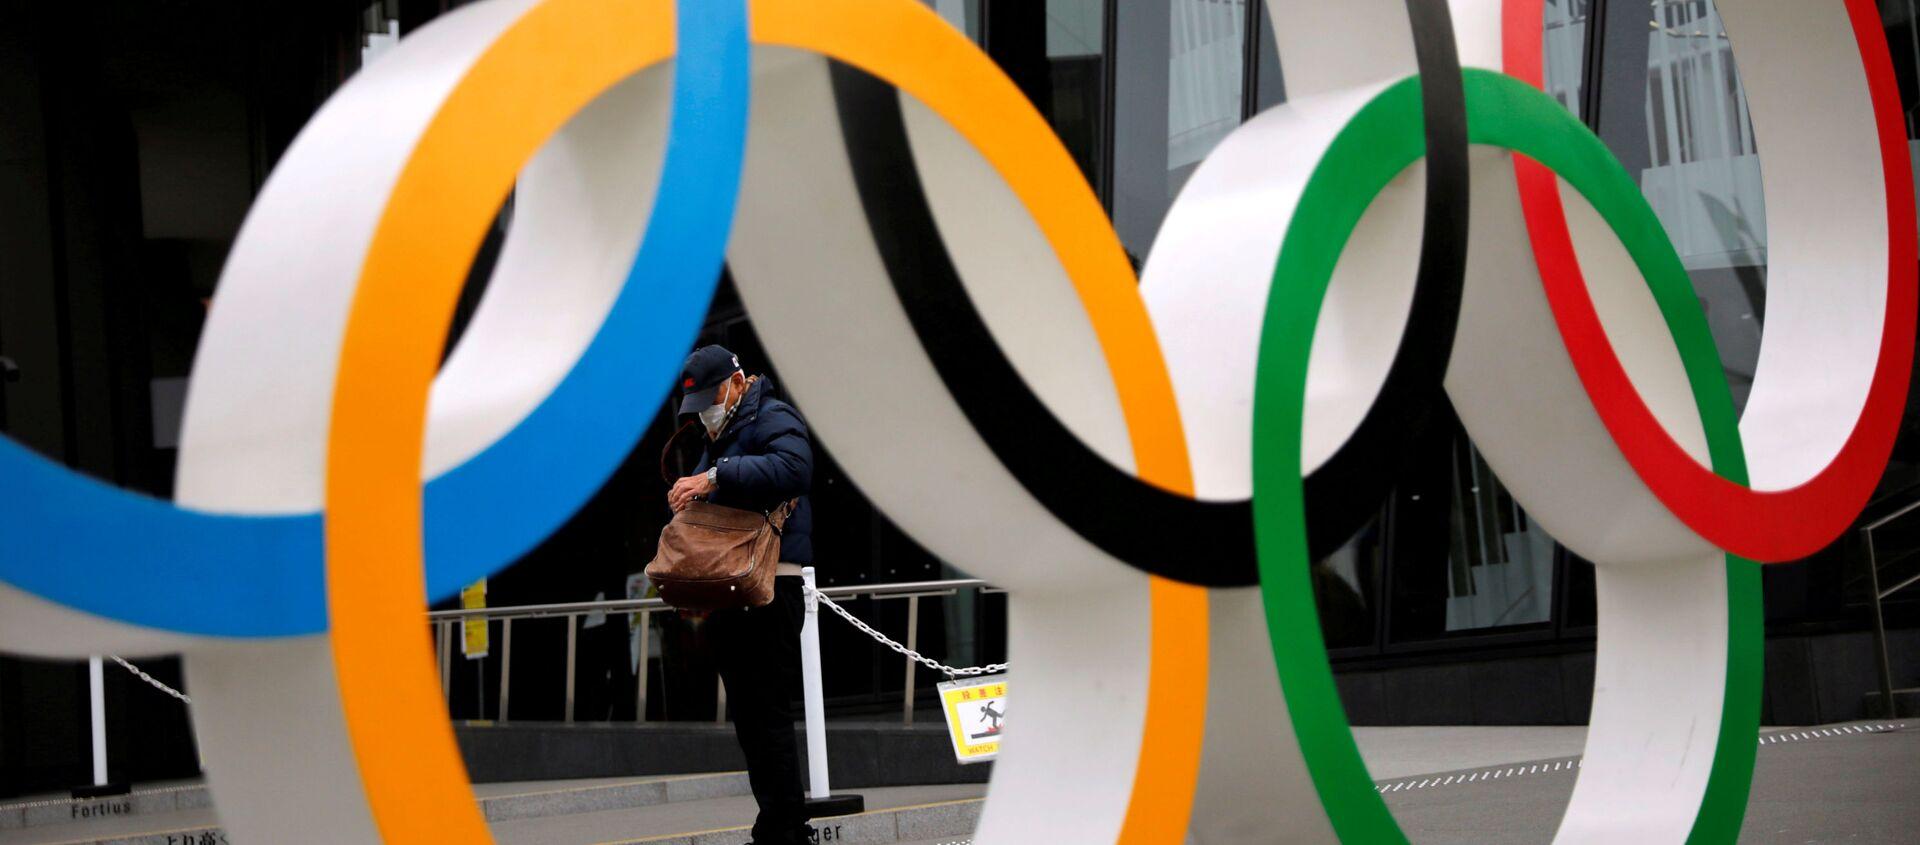 Олимпийские кольца в парке в Токио - Sputnik Беларусь, 1920, 26.02.2021